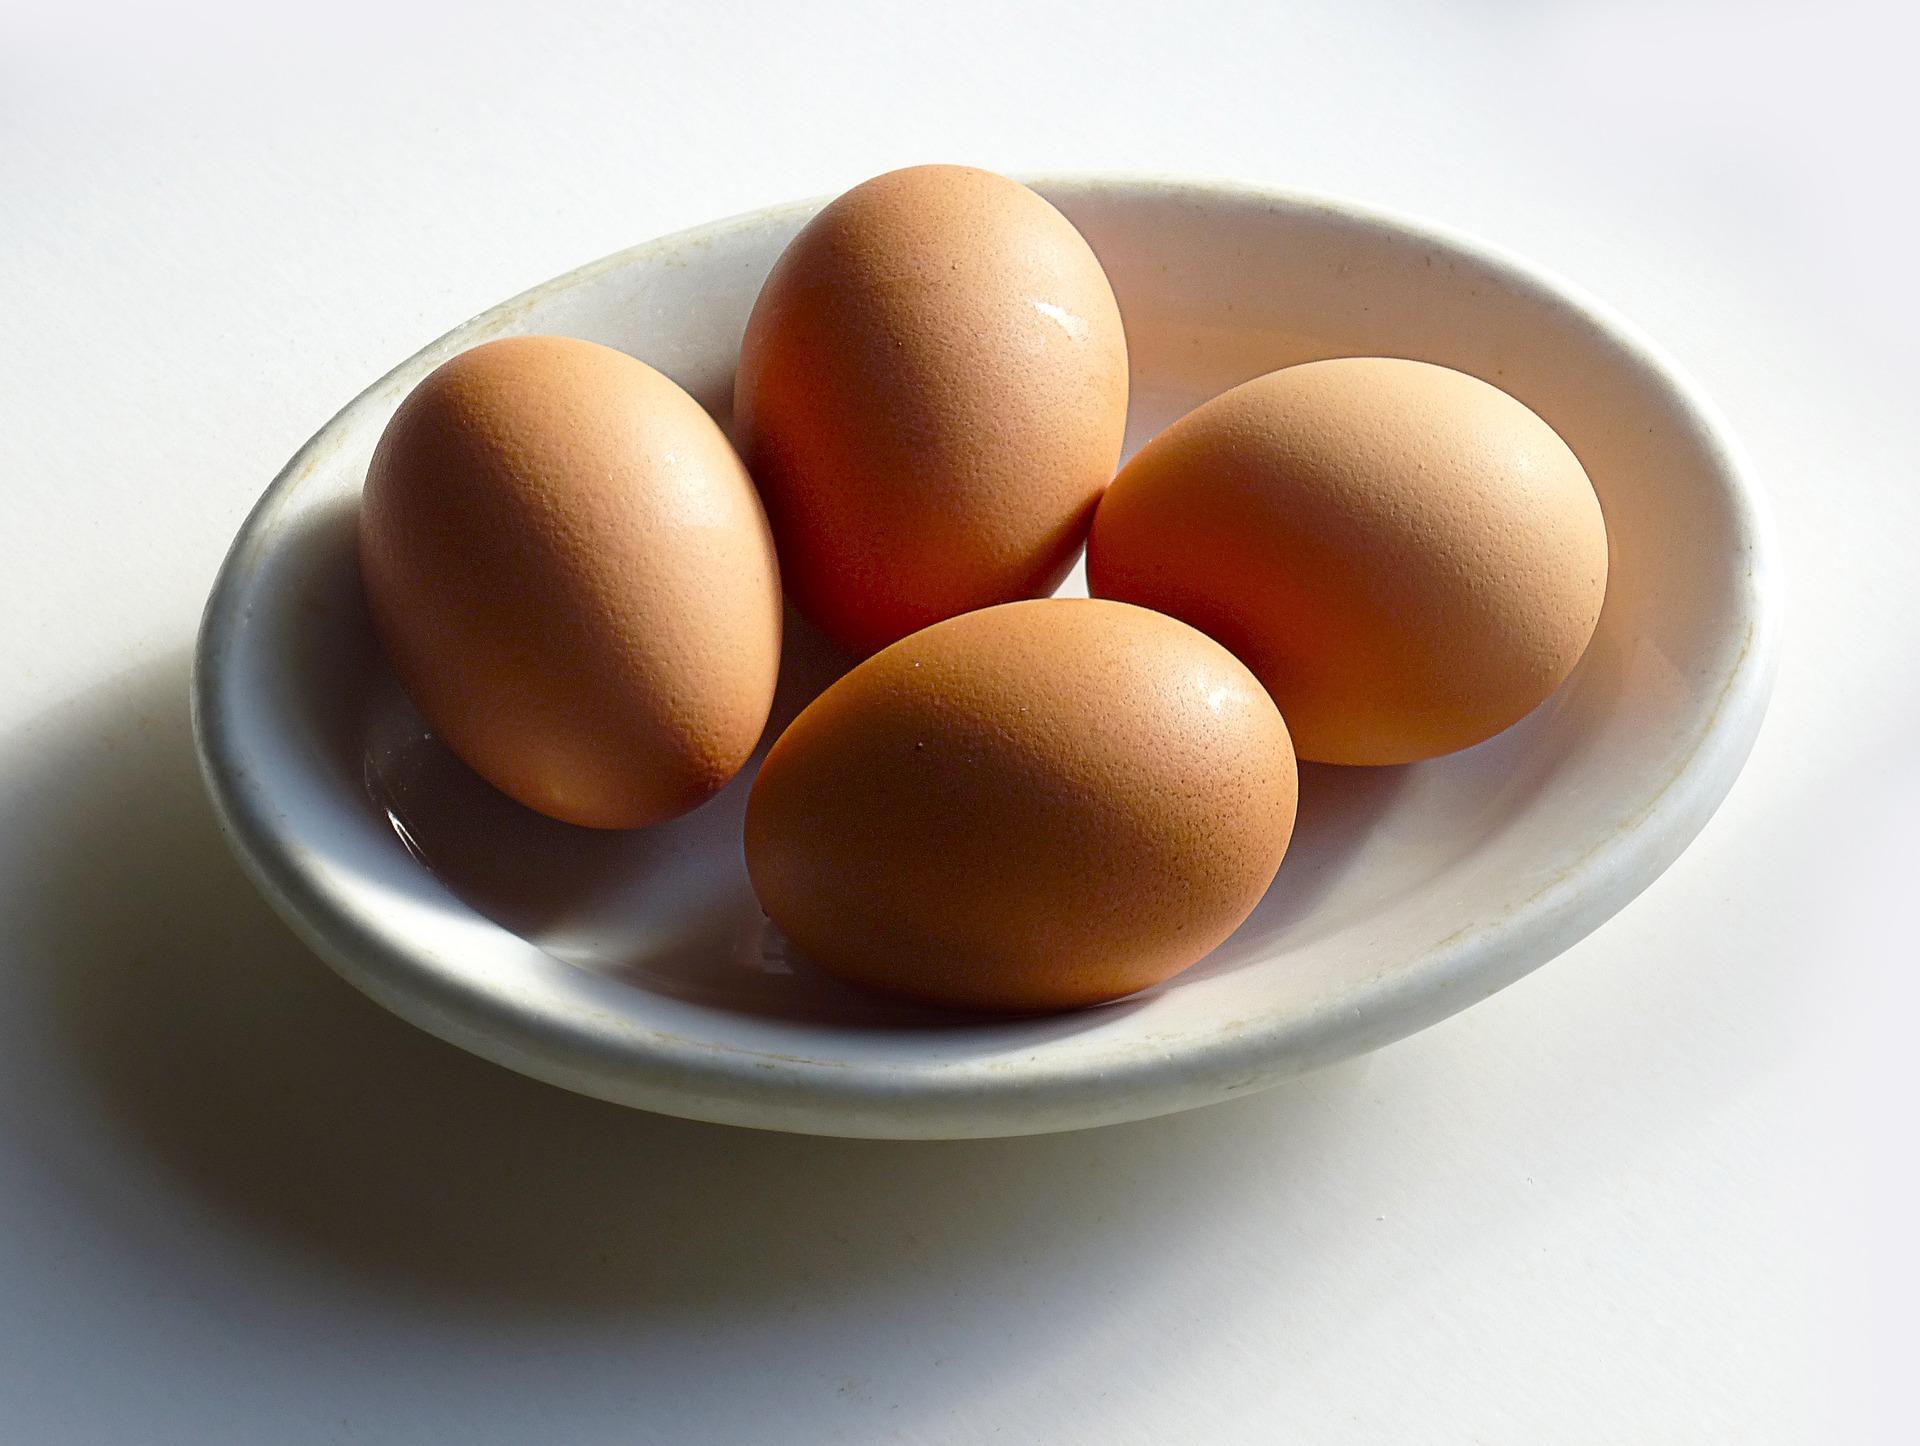 egg-1721440_1920